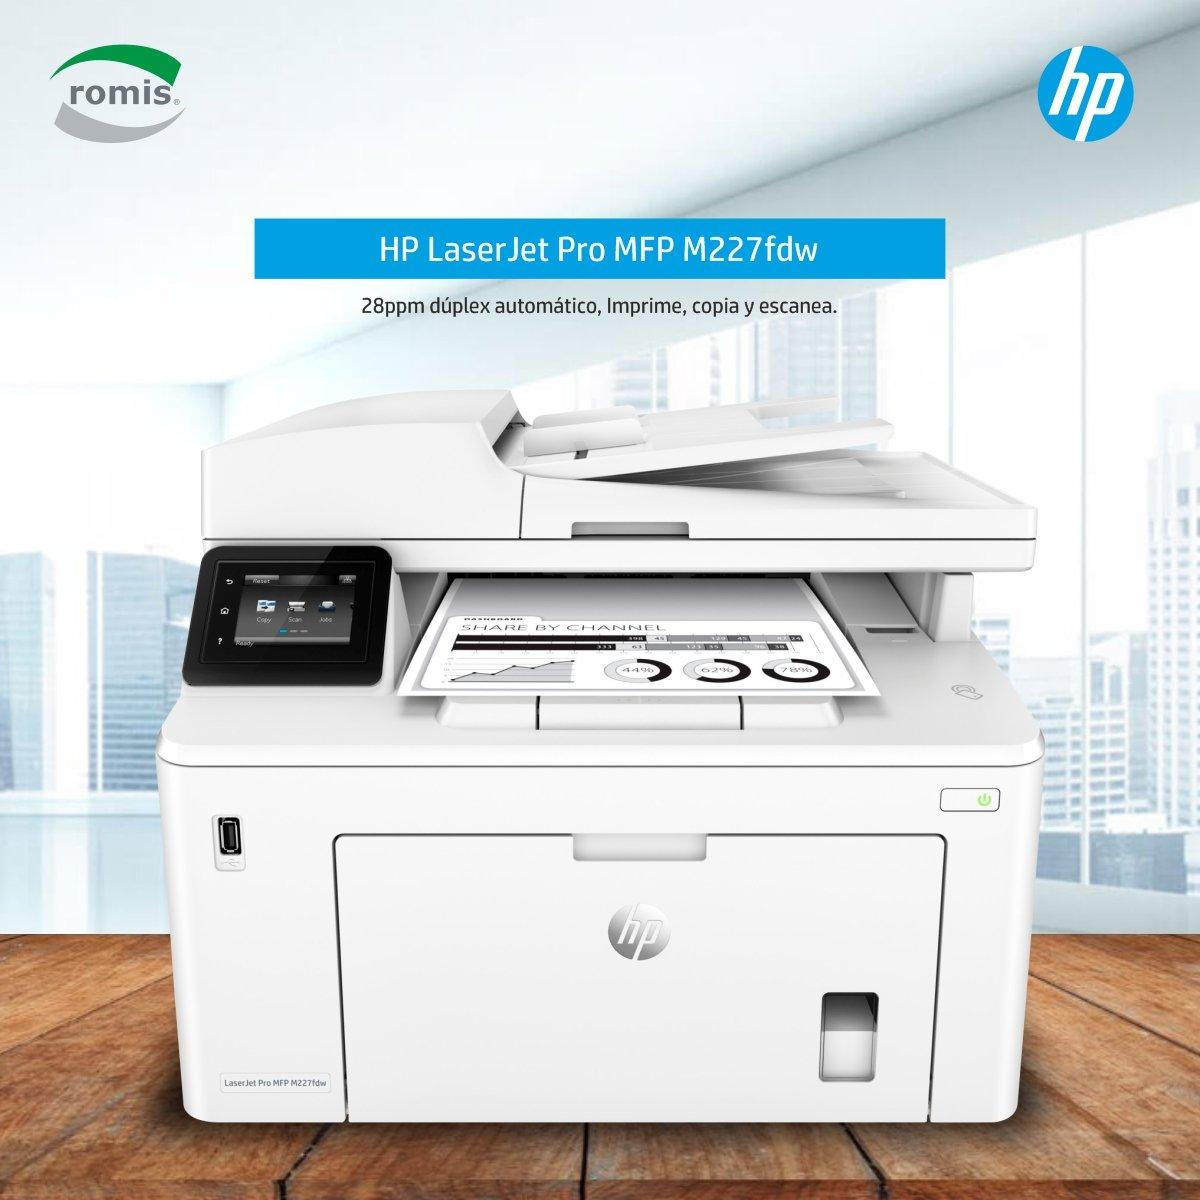 HP Multifunción LaserJet Pro M227fdw. Ideal para pequeñas oficinas que requieren un equipo versátil y robusto para sus necesidades de impresión monocromáticas. Con un ciclo de trabajo mensual de hasta 30.000 páginas. https://www.romis.com.uy/Impresora-Multifuncion-Laser-HP-LaserJet-M227fdw/…